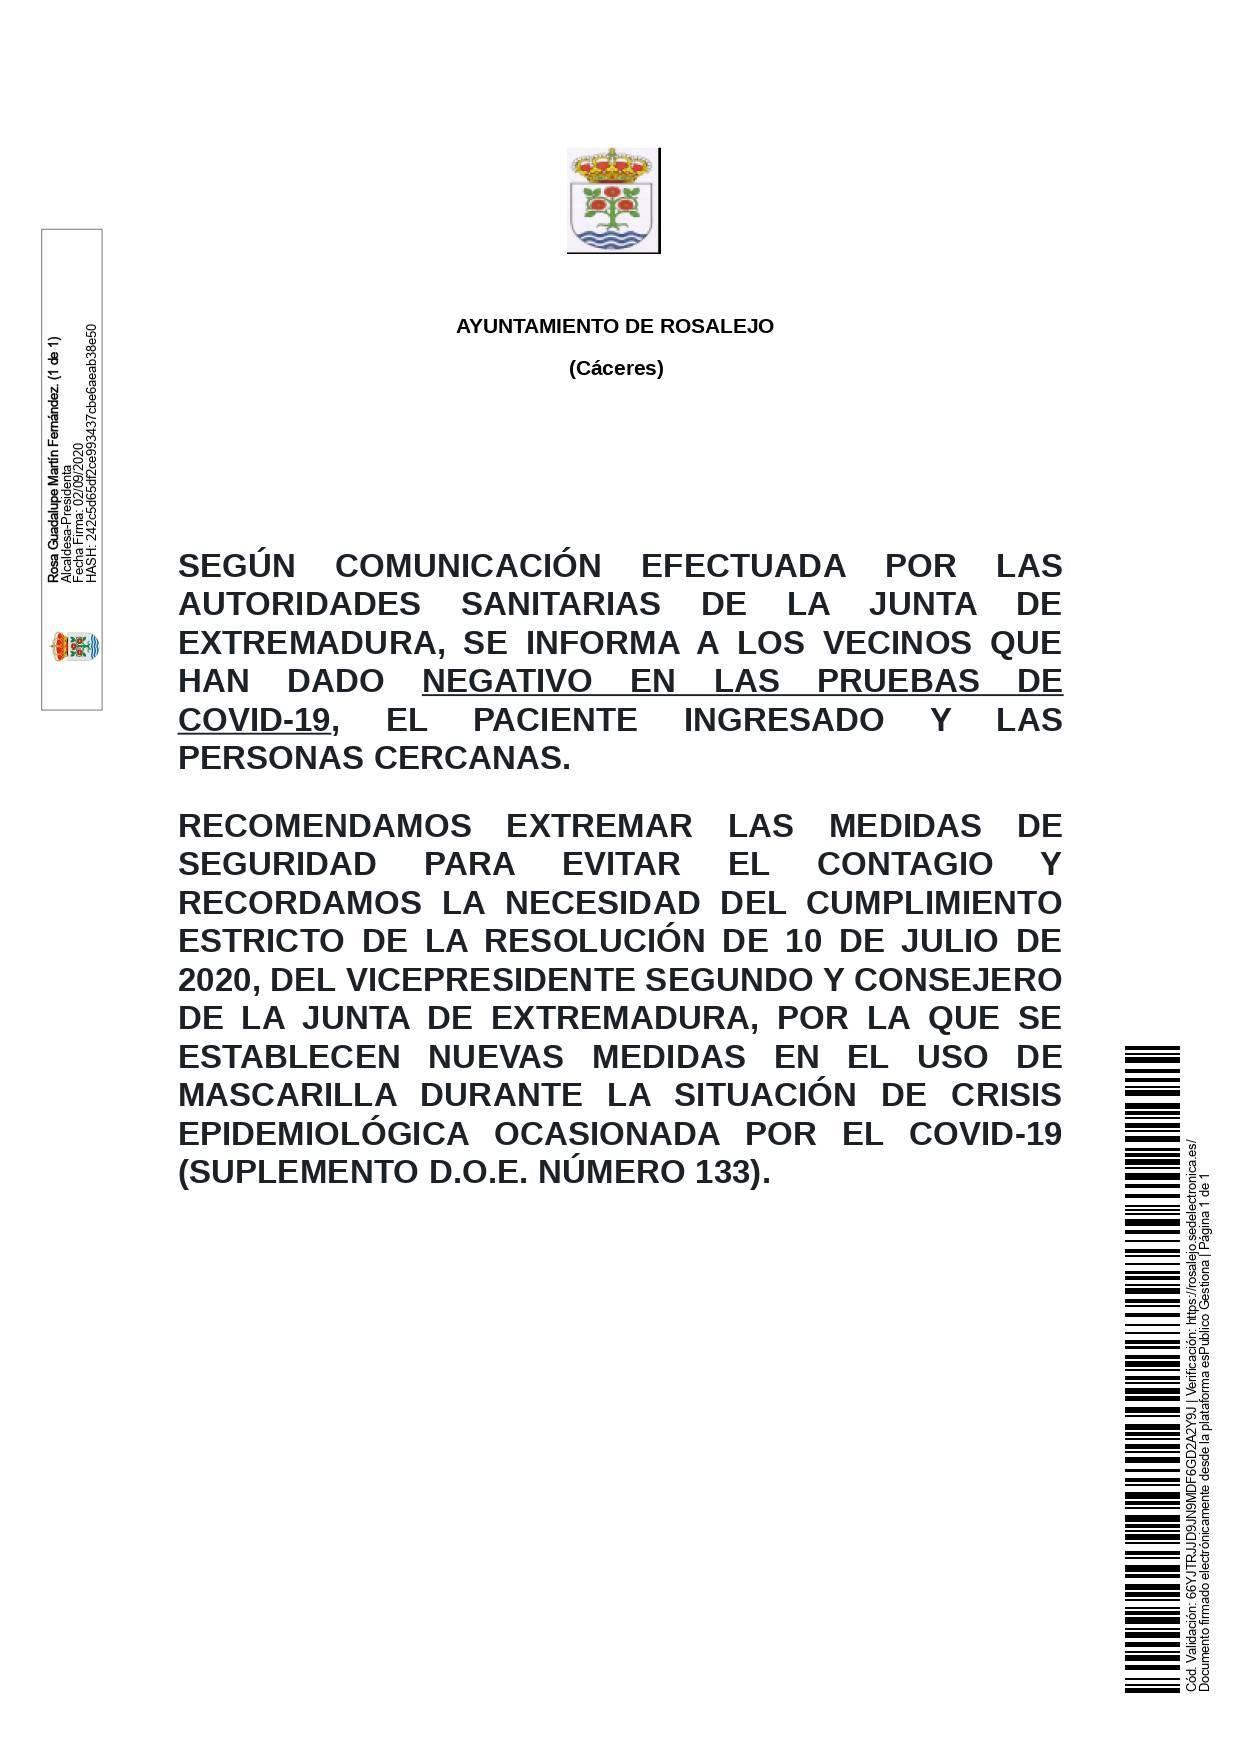 Un recuperado por coronavirus (septiembre 2020) - Rosalejo (Cáceres)